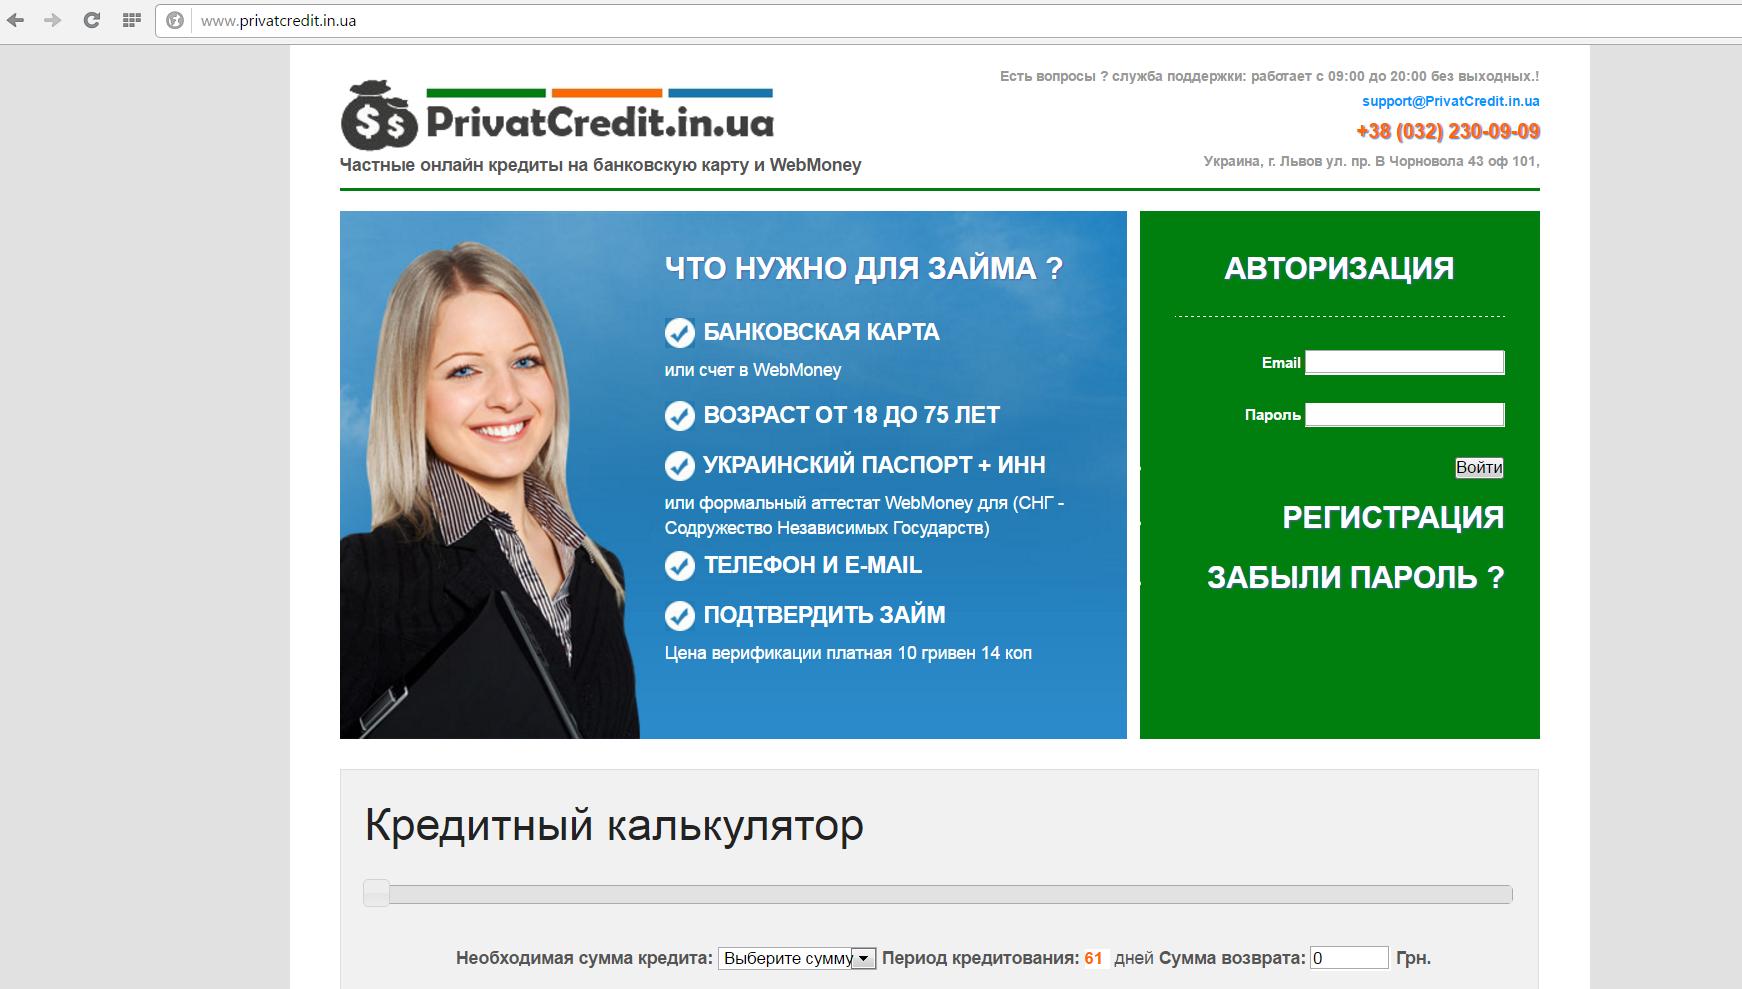 Фишинговый сайт кредитования